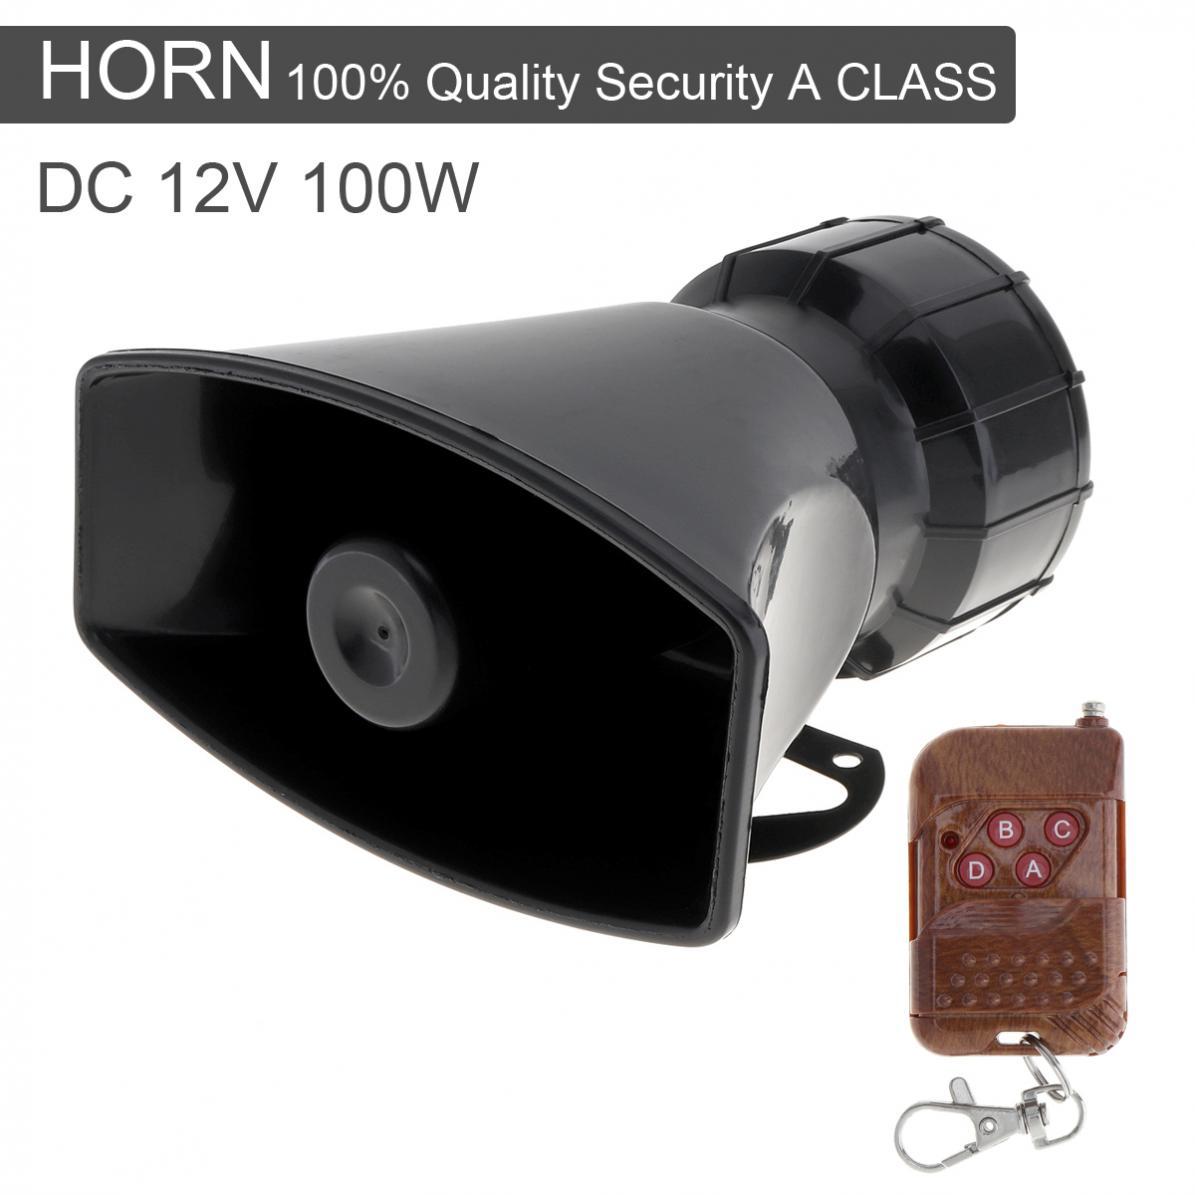 12V 100W 7 sonido de alarma de advertencia de coche, bocina sirena de fuego de policía, altavoz con mando a distancia inalámbrico marrón